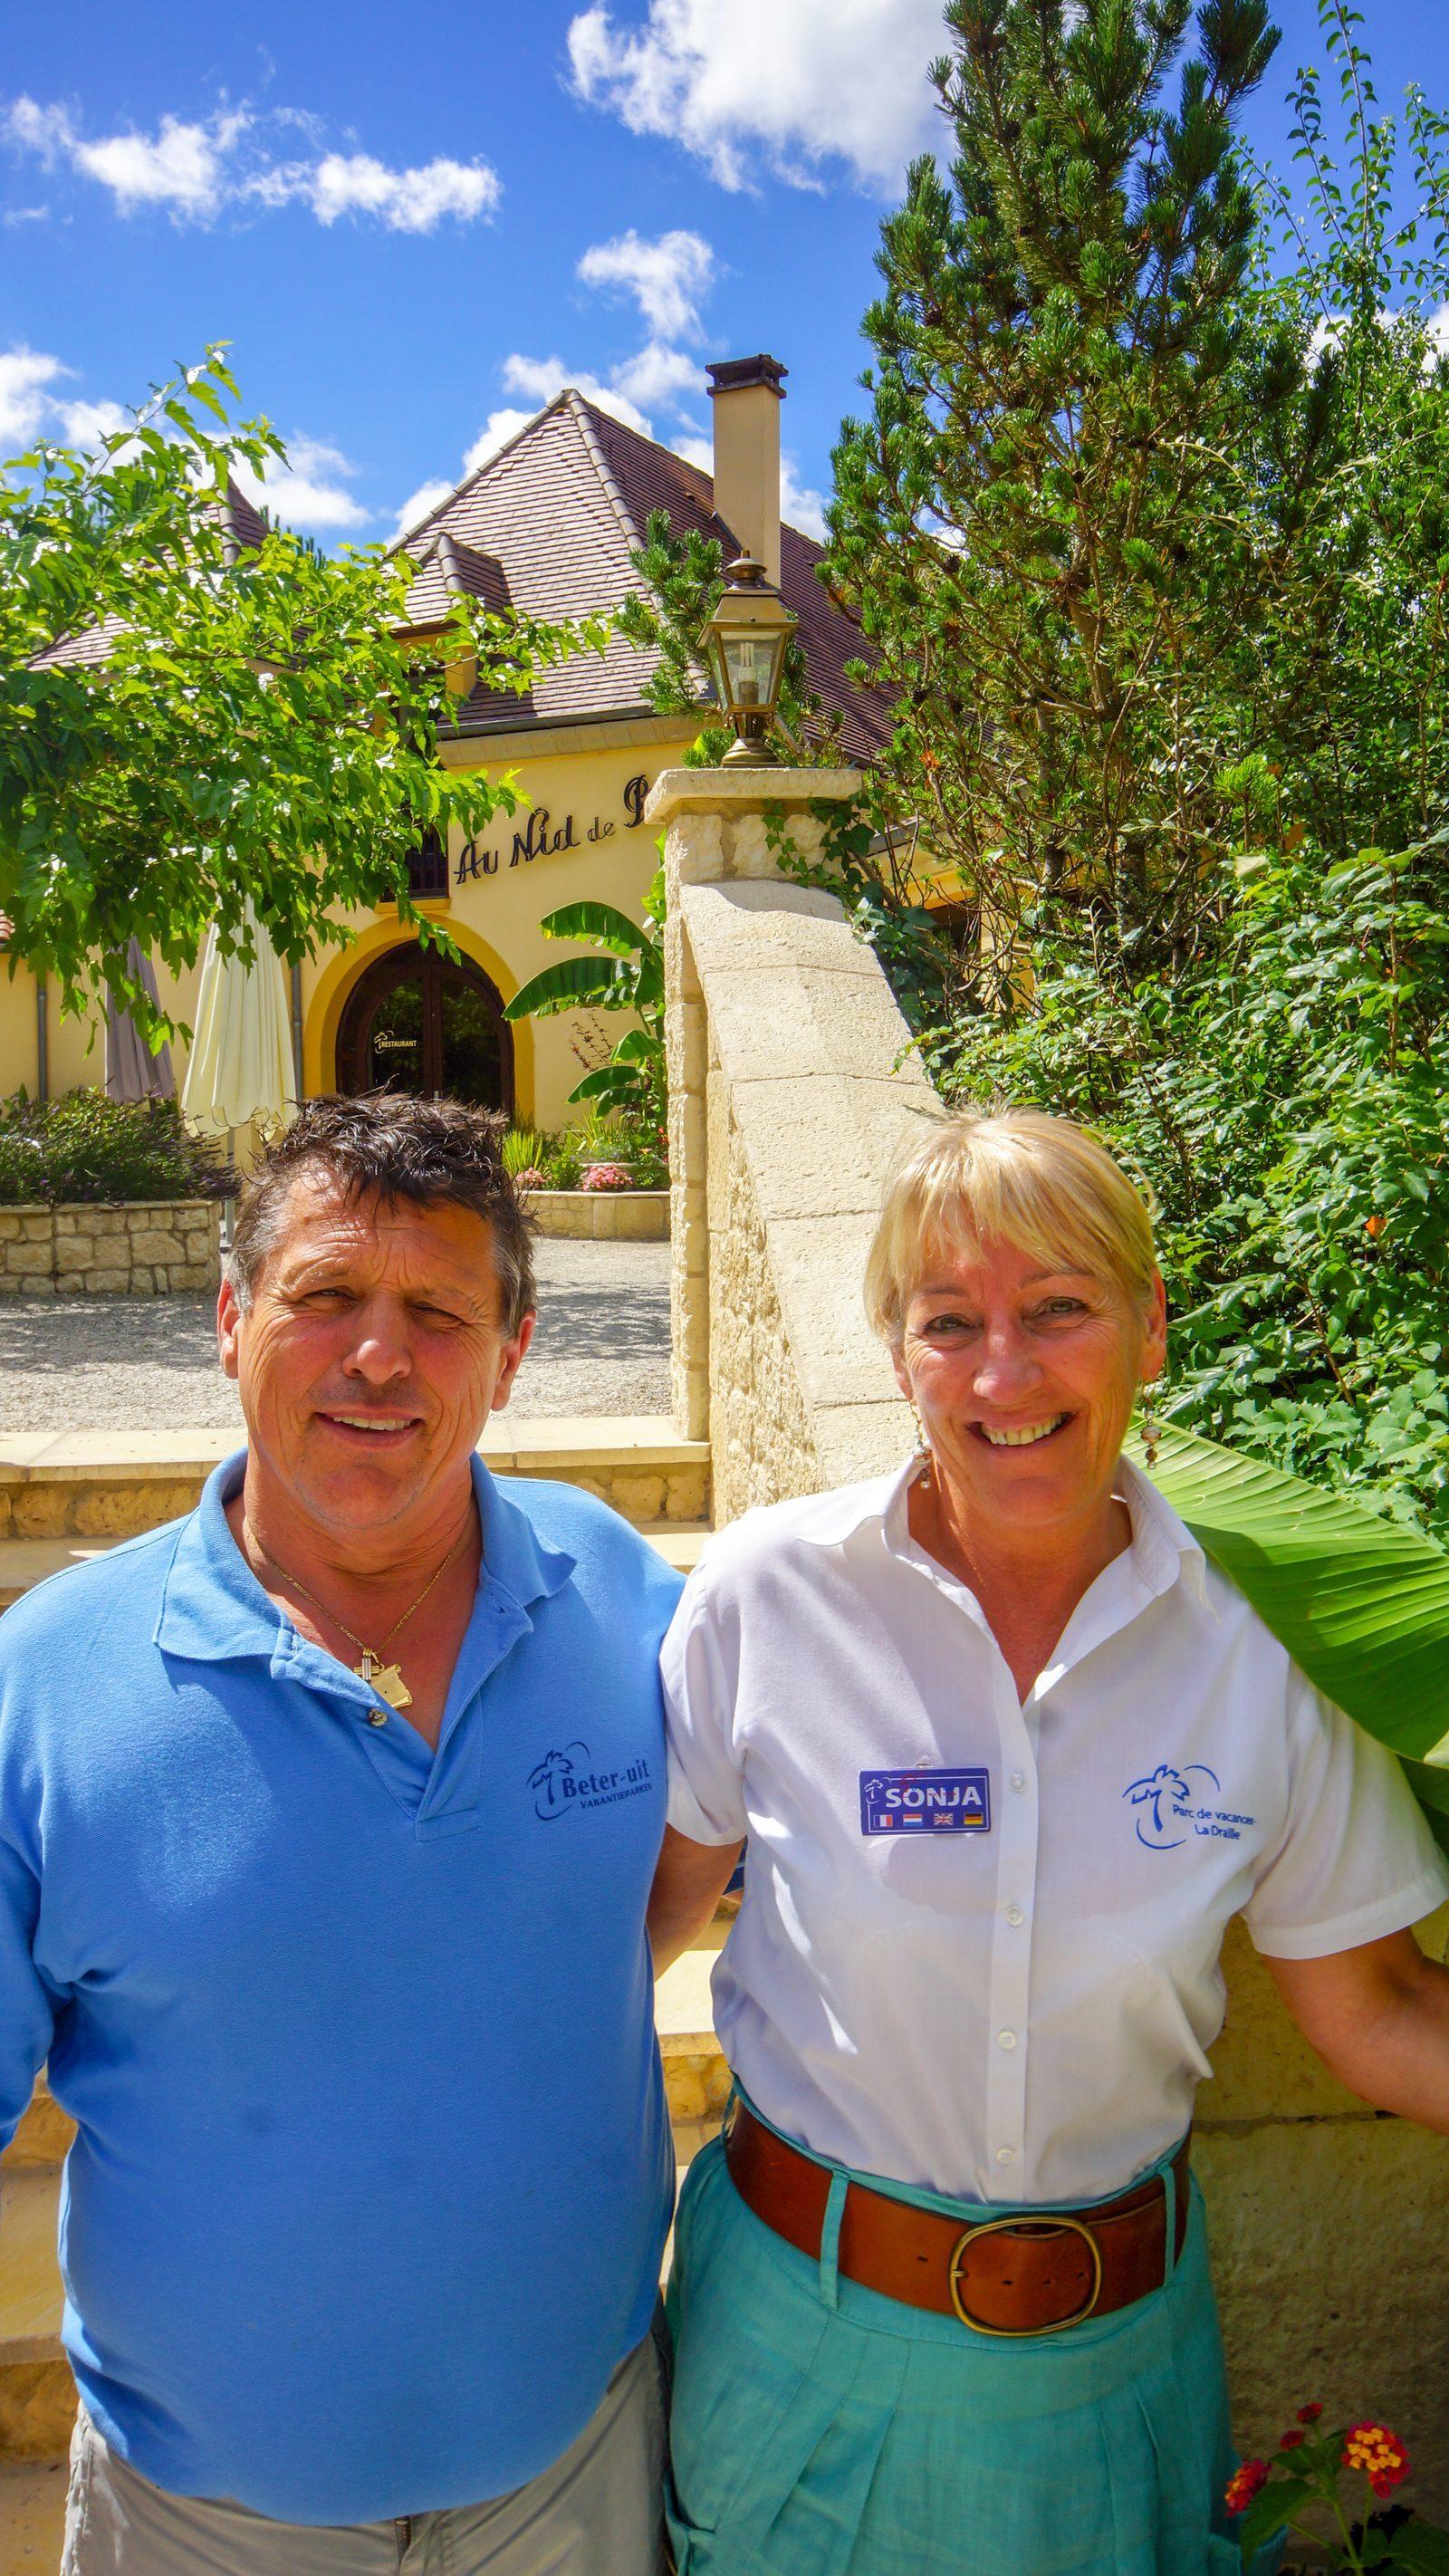 Administrators of La Draille